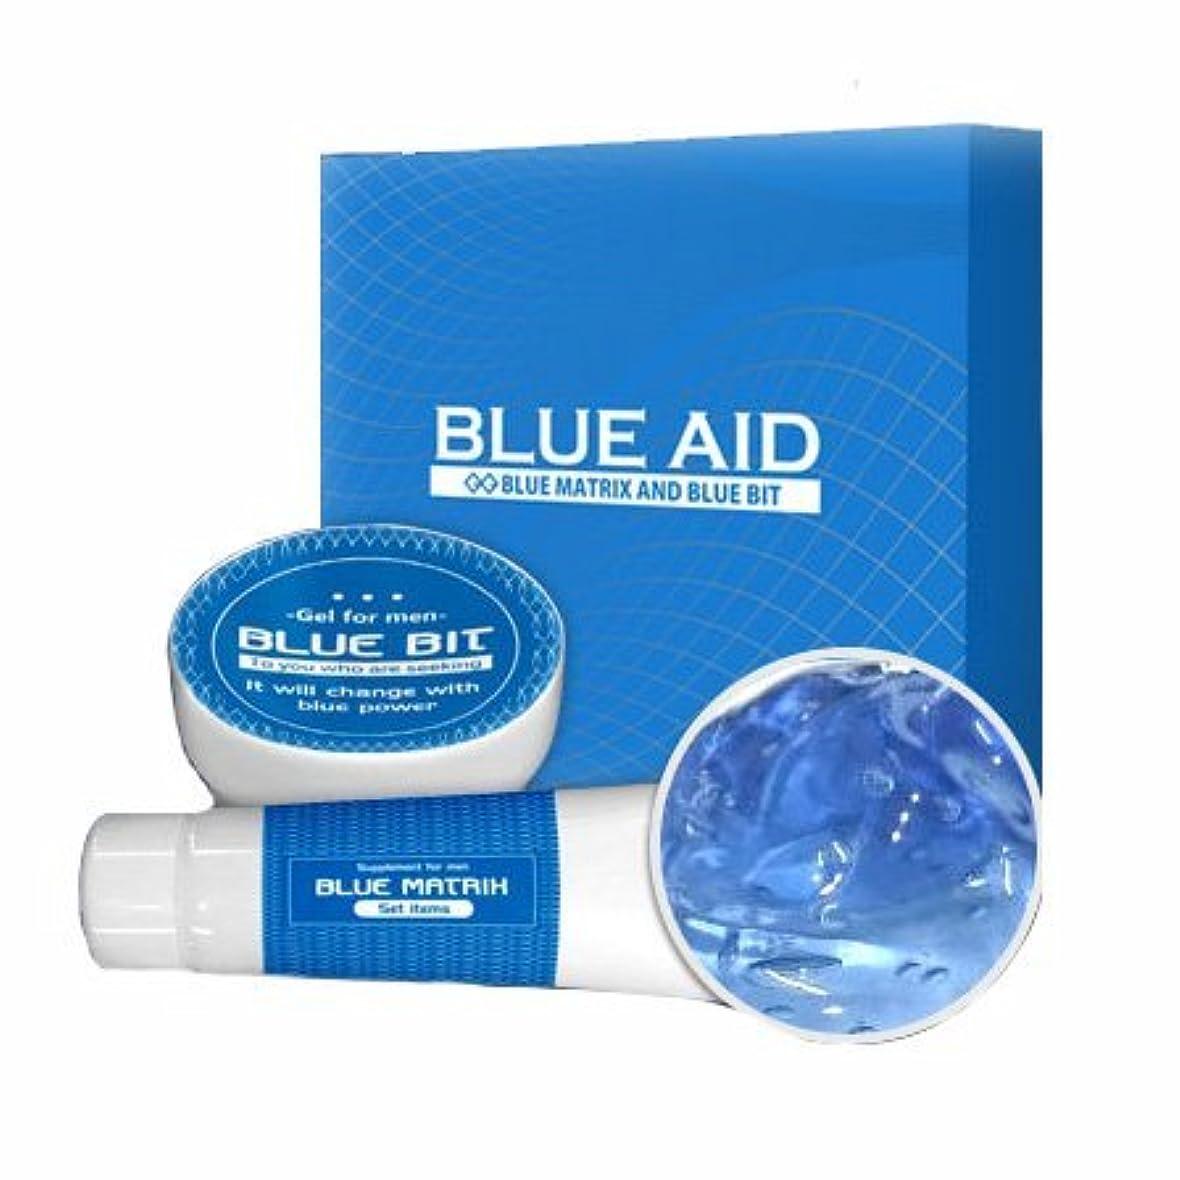 BLUE AID(ブルーエイド)【ブルーマトリクス+ブルービット】